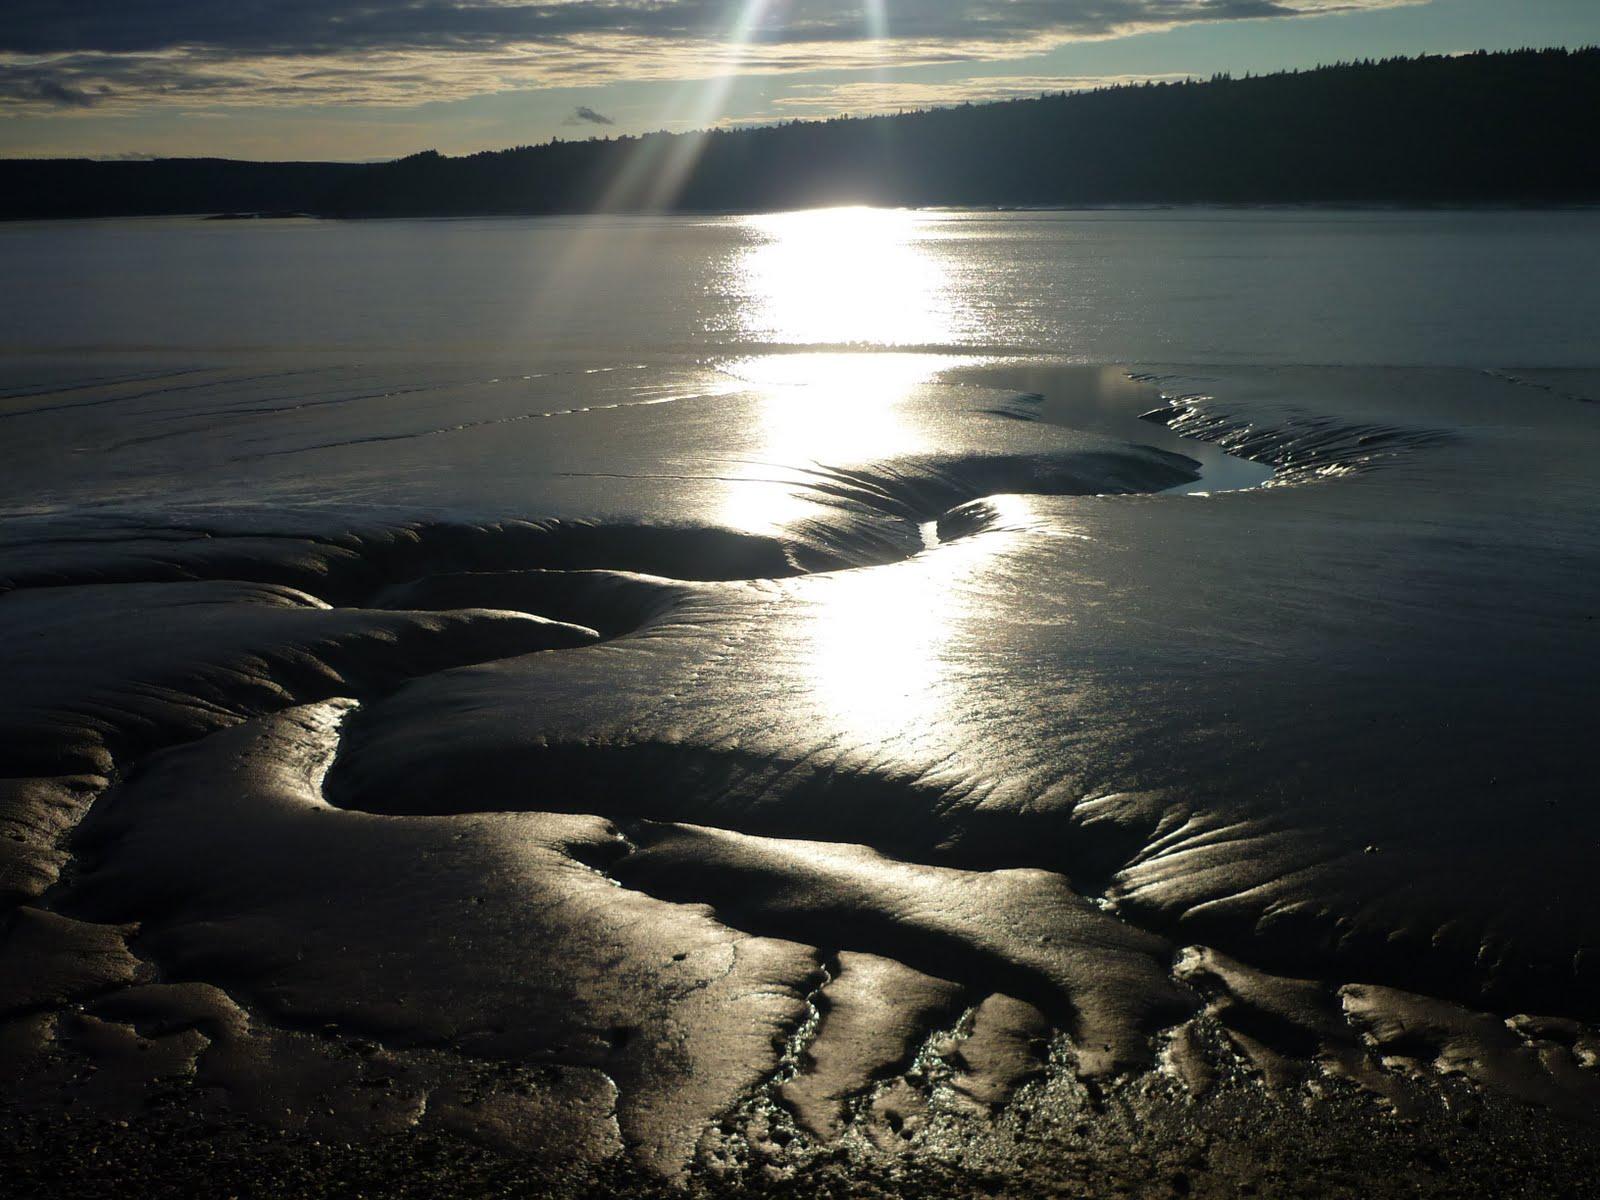 http://2.bp.blogspot.com/_aPyNVdHwpfw/TFw5E-h8L5I/AAAAAAAAASQ/4BPyTBrLENA/s1600/sunset+beach.JPG